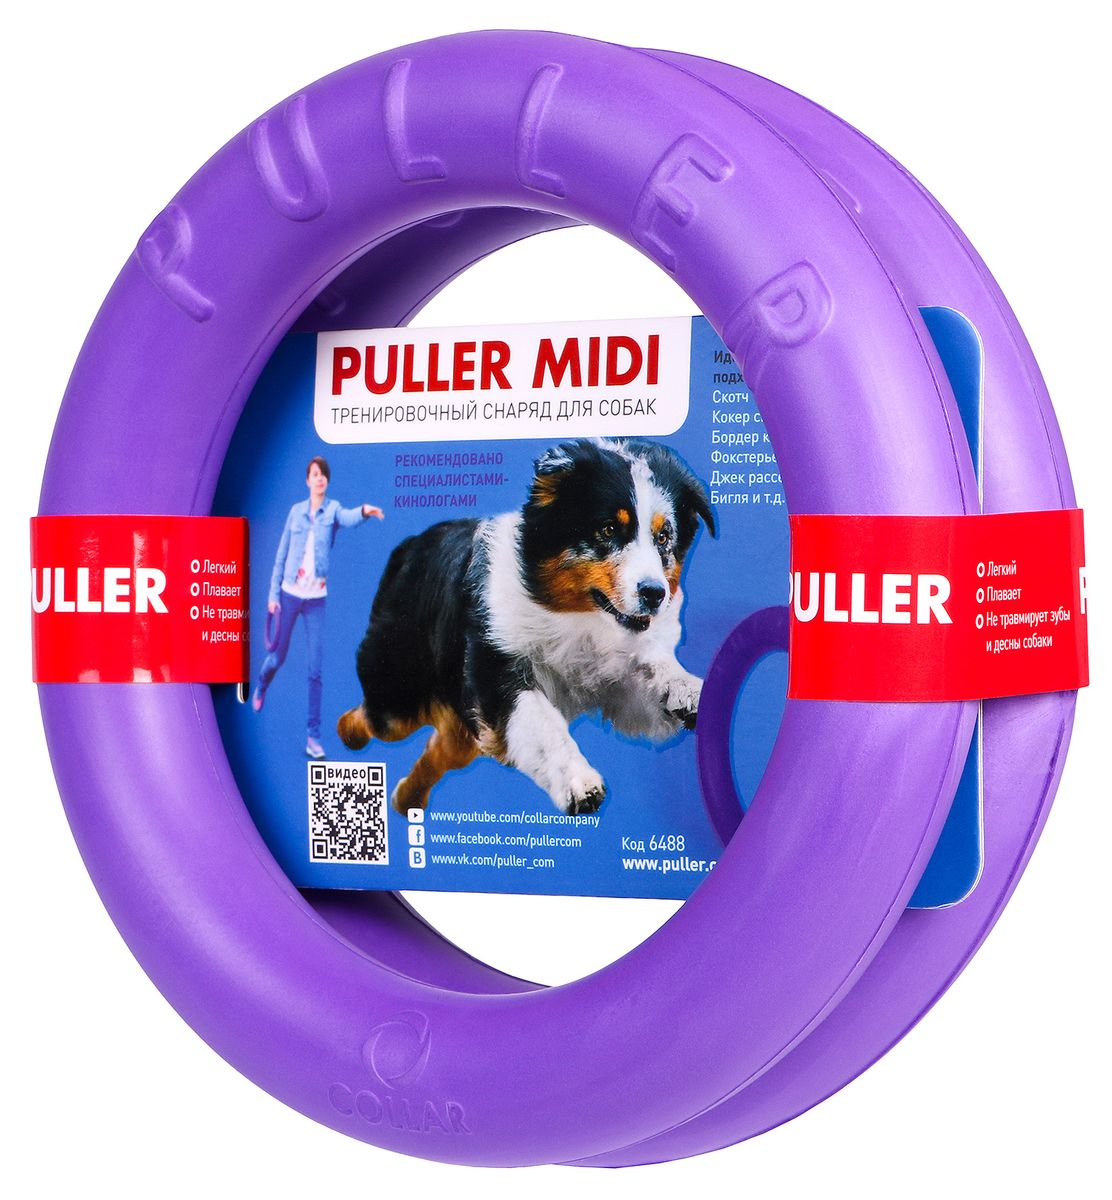 Тренировочный снаряд Puller Midi, цвет: фиолетовый, диаметр: 20 см, 2 шт6488Снаряд Puller Midi предназначен для средних и крупных пород собак. Это уникальный помощник в решении проблем с собакой. Он способен дать собаке необходимую нагрузку за короткое время. При этом владельцу собаки не нужно будет тратить много времени на выгул и тренировку собаки. Всего 3 простых упражнения в течении 20 минут дадут собаке нагрузку равную 5 км бега в интенсивном режиме или 2-х часовому занятию с инструктором на площадке. Комплект состоит из двух колец.